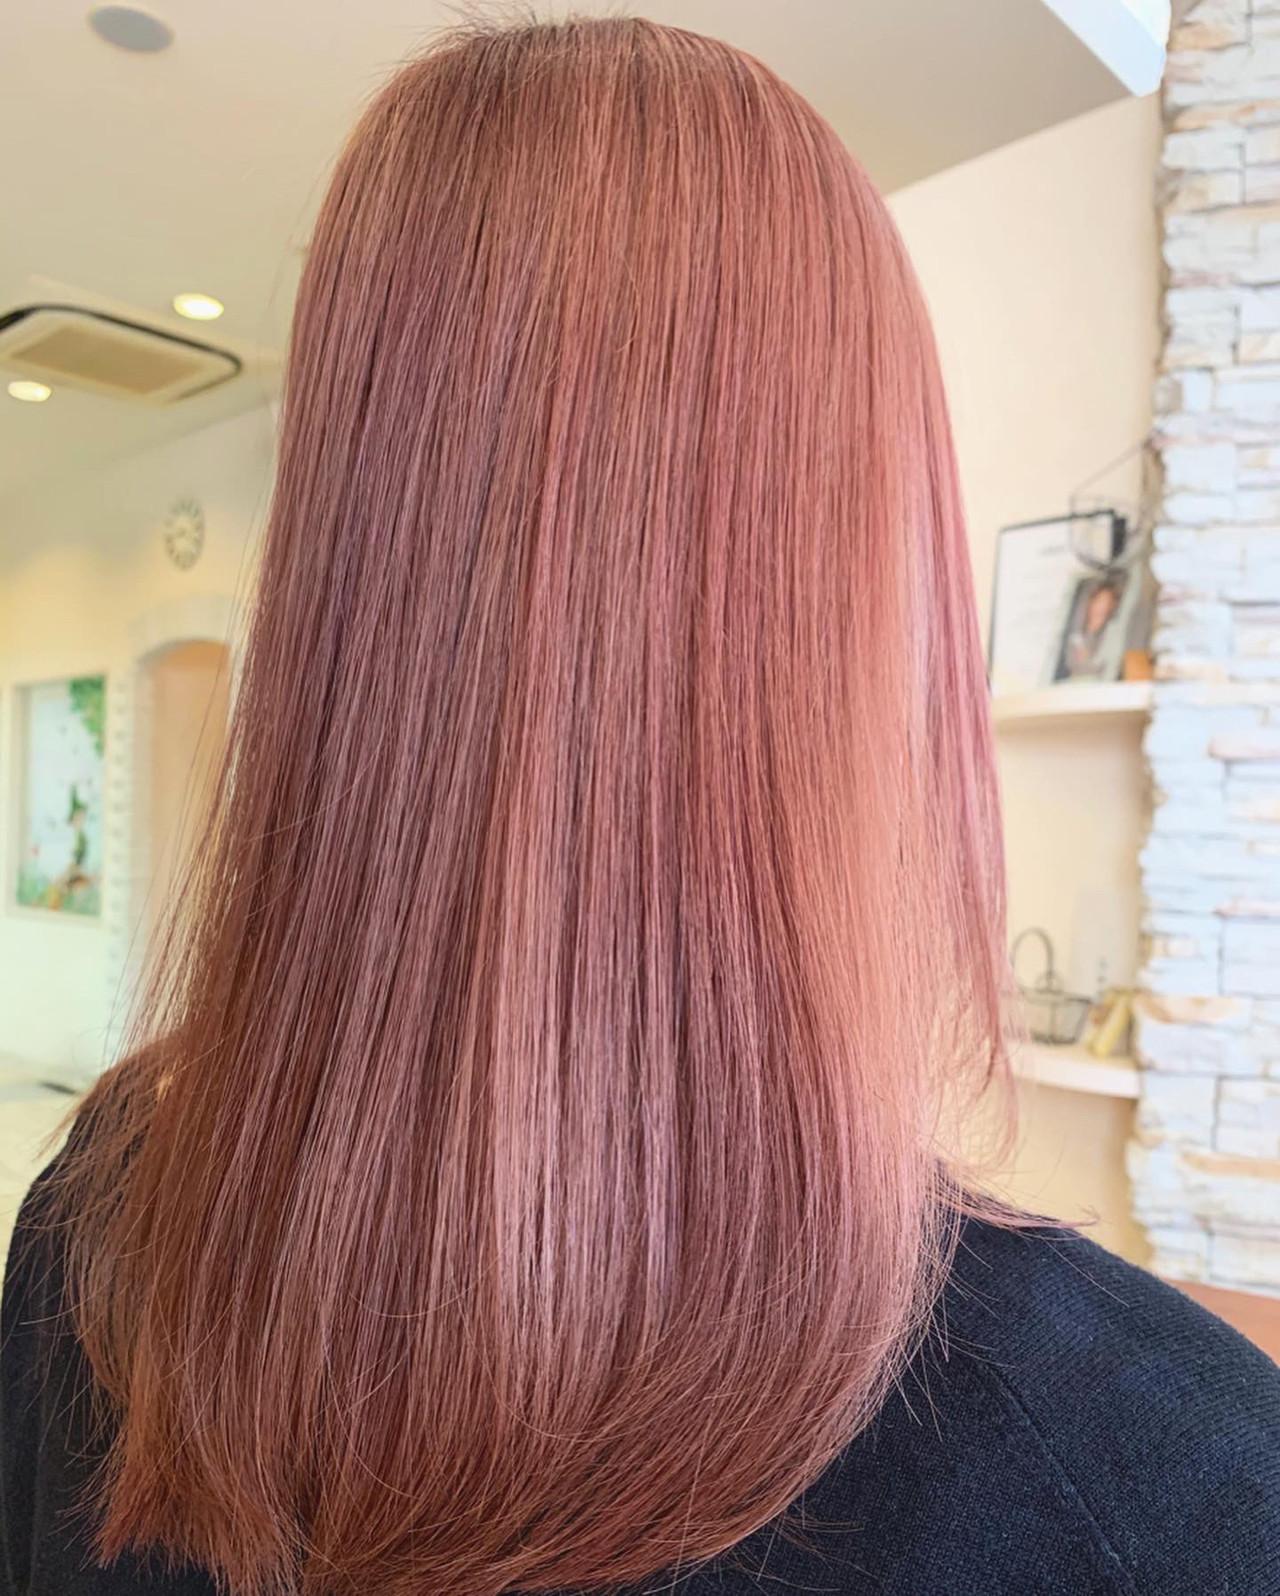 ロング ピンクブラウン ブリーチ モード ヘアスタイルや髪型の写真・画像